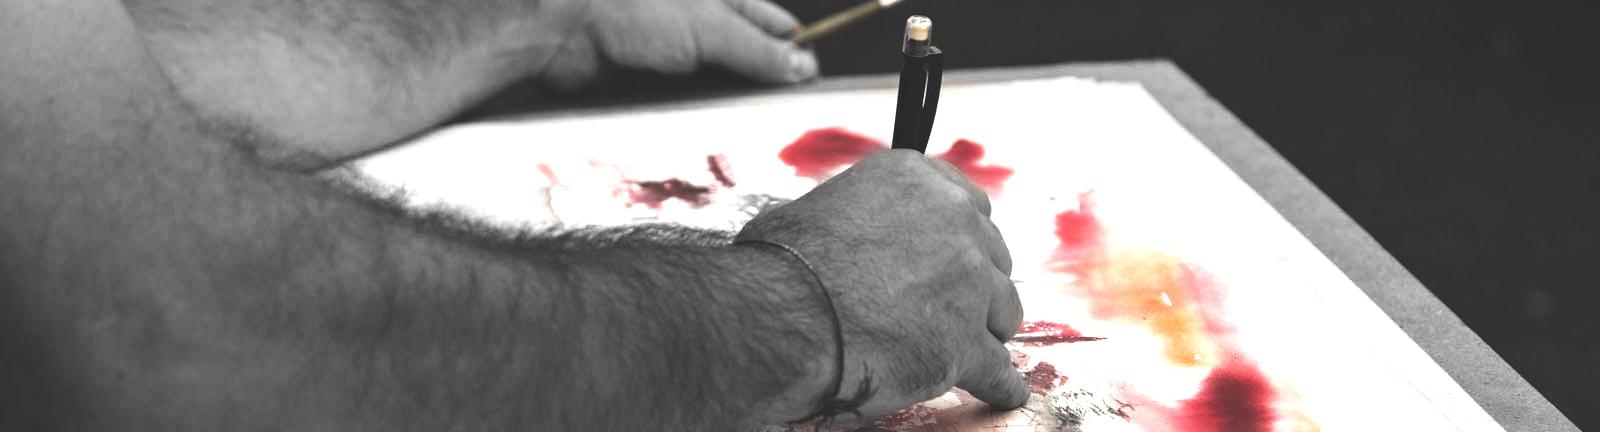 giampiero pierini acquerelli contatti